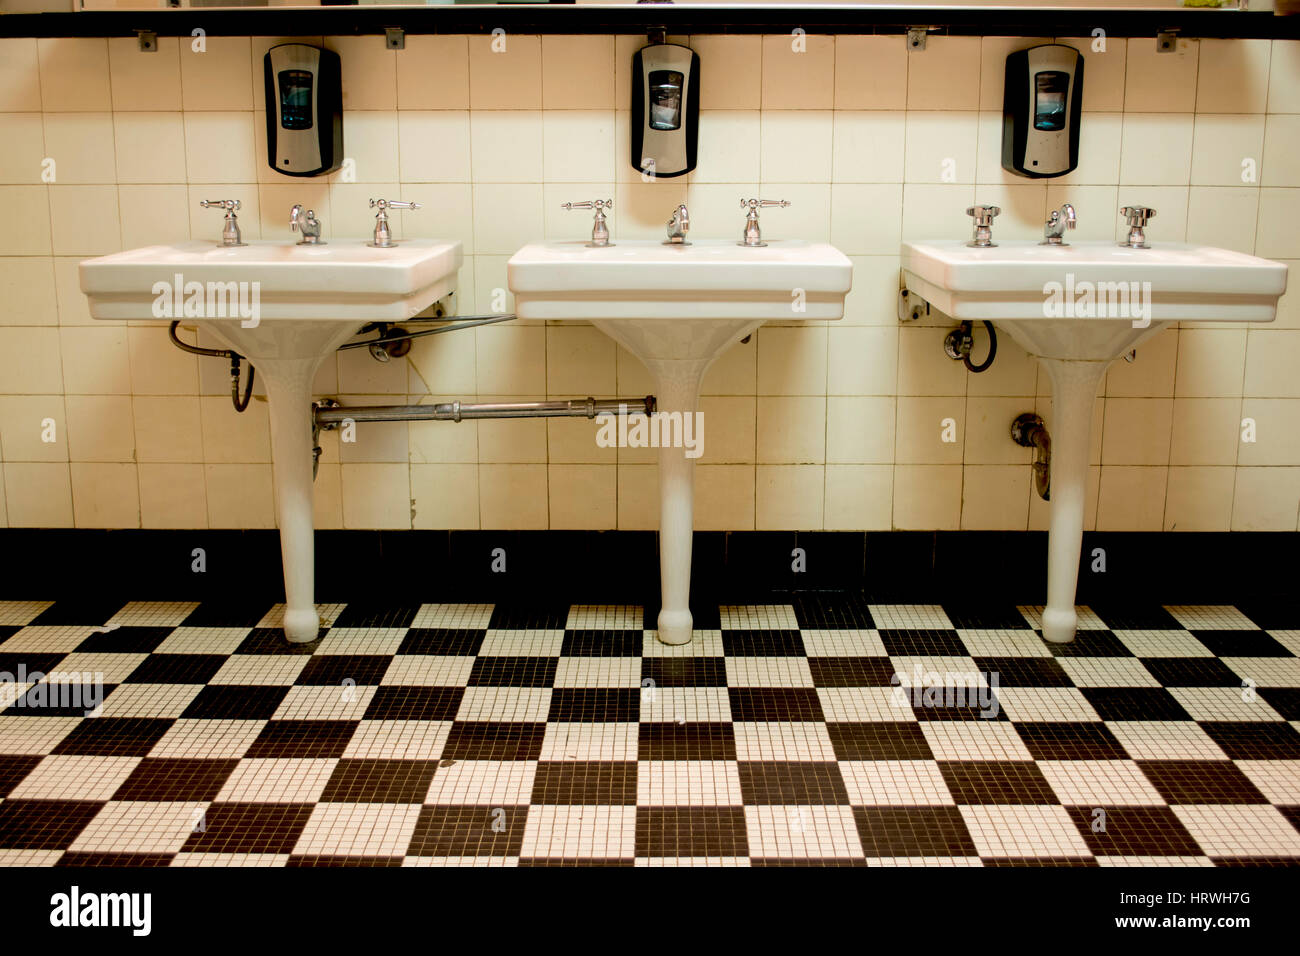 Pavimento bagno bianco e nero vasca in bianco e nero in bagno